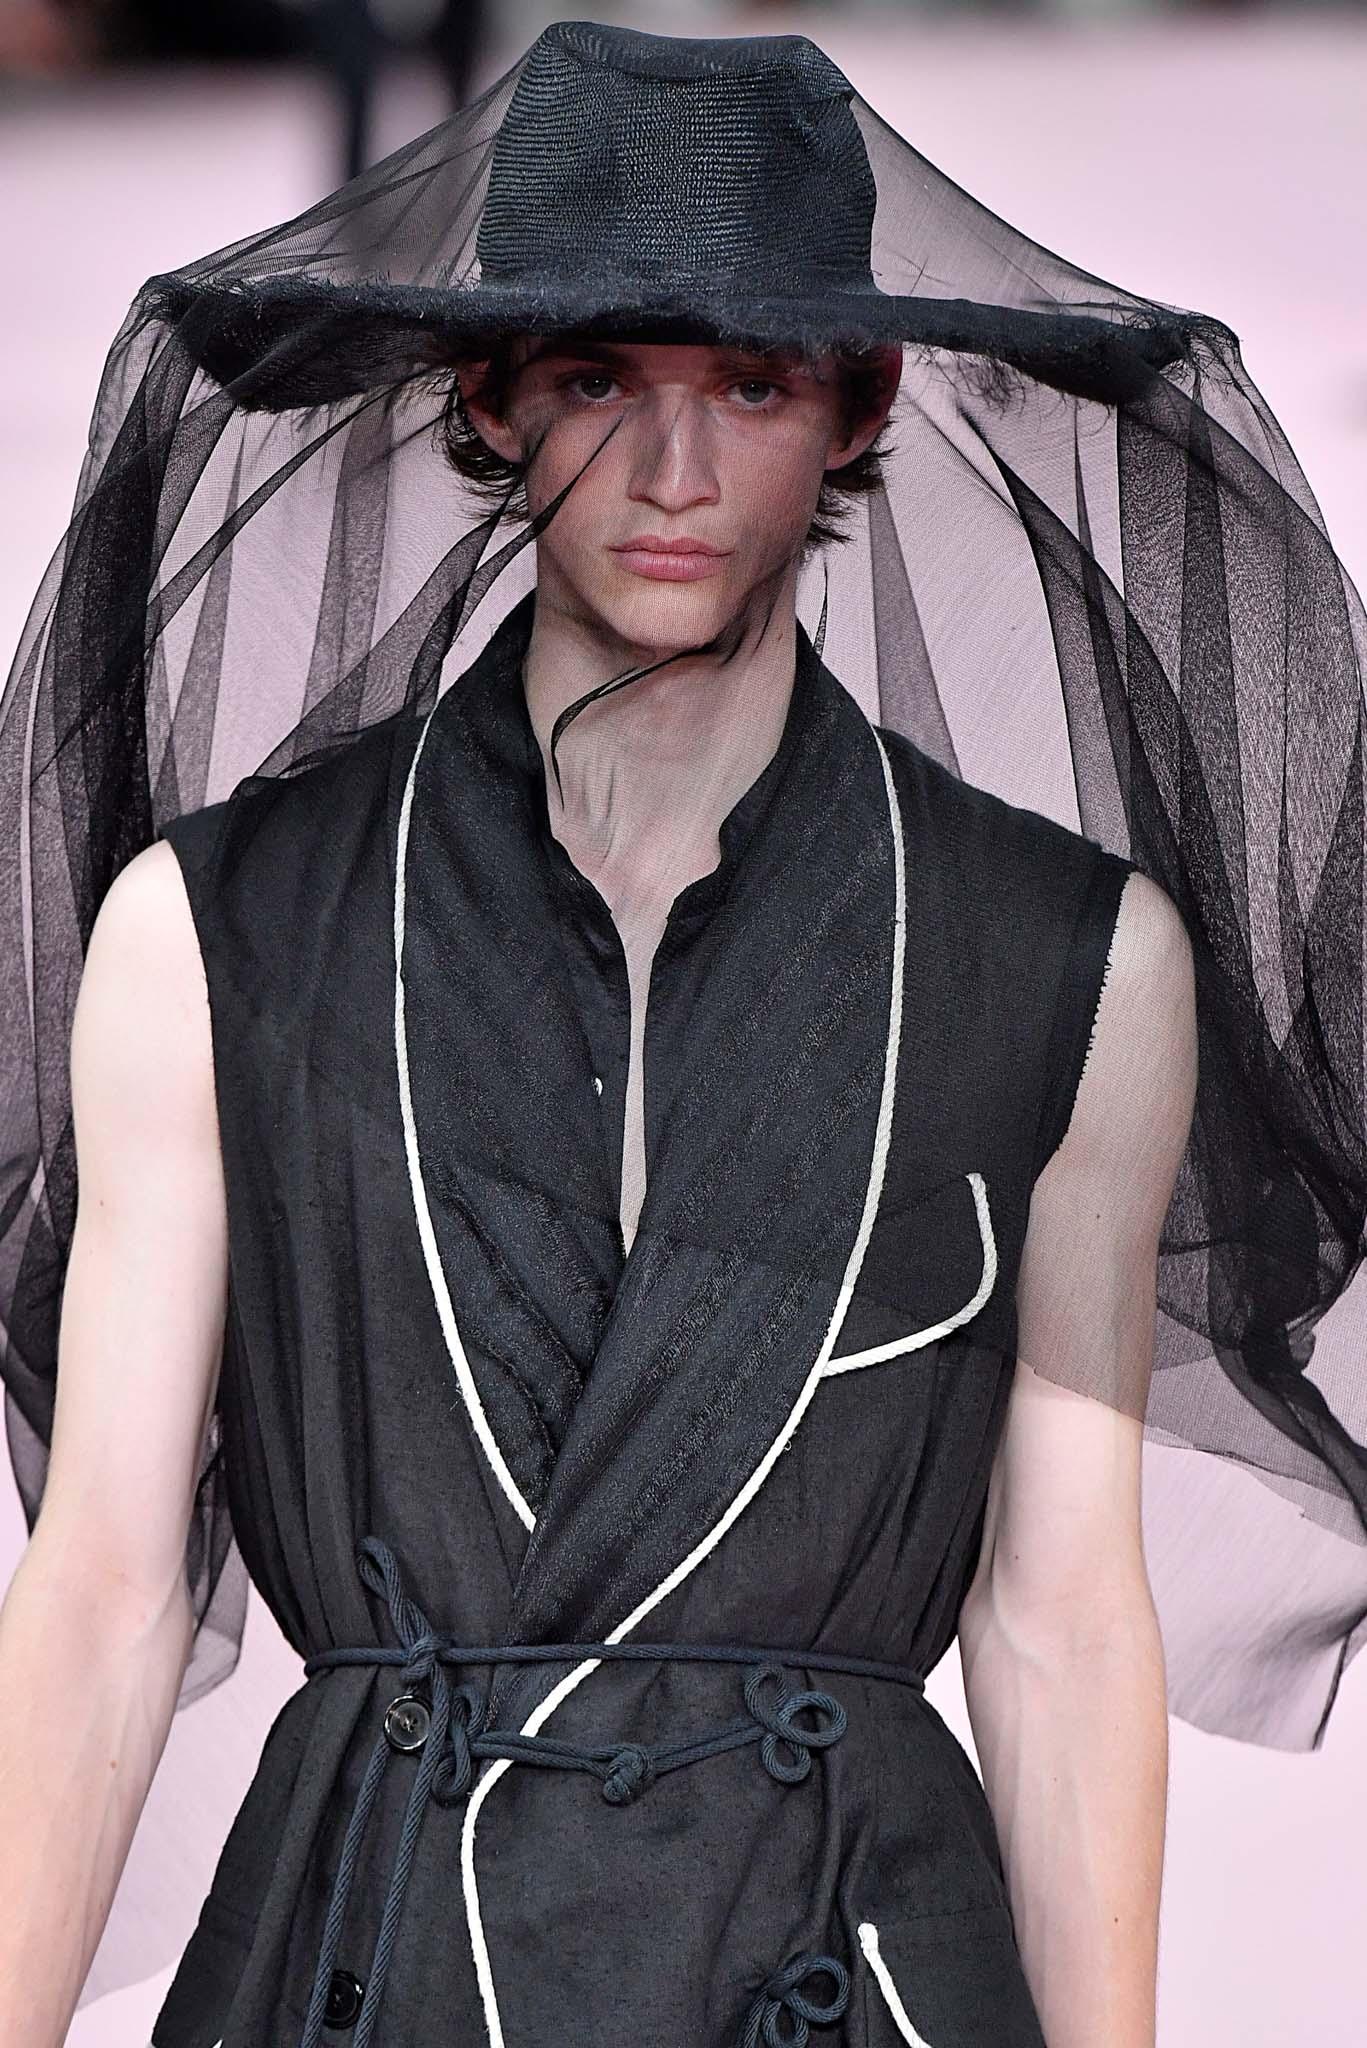 Hombre con sombrero negro de paja y tocado negro de tul